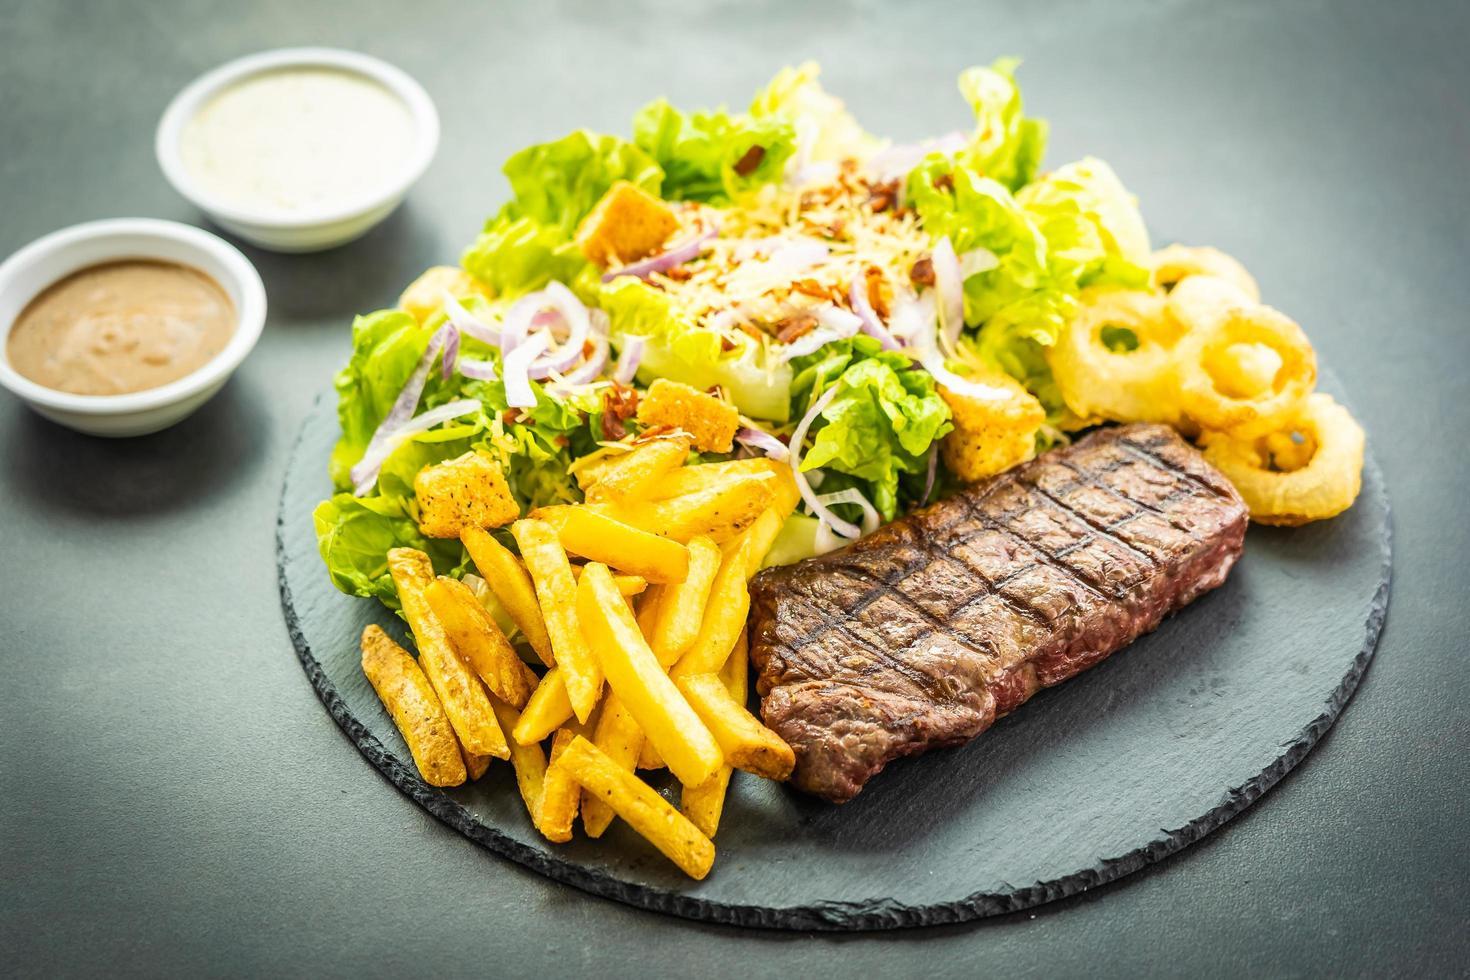 Steak de viande de bœuf grillé avec frites rondelle d'oignon avec sauce et légumes frais photo